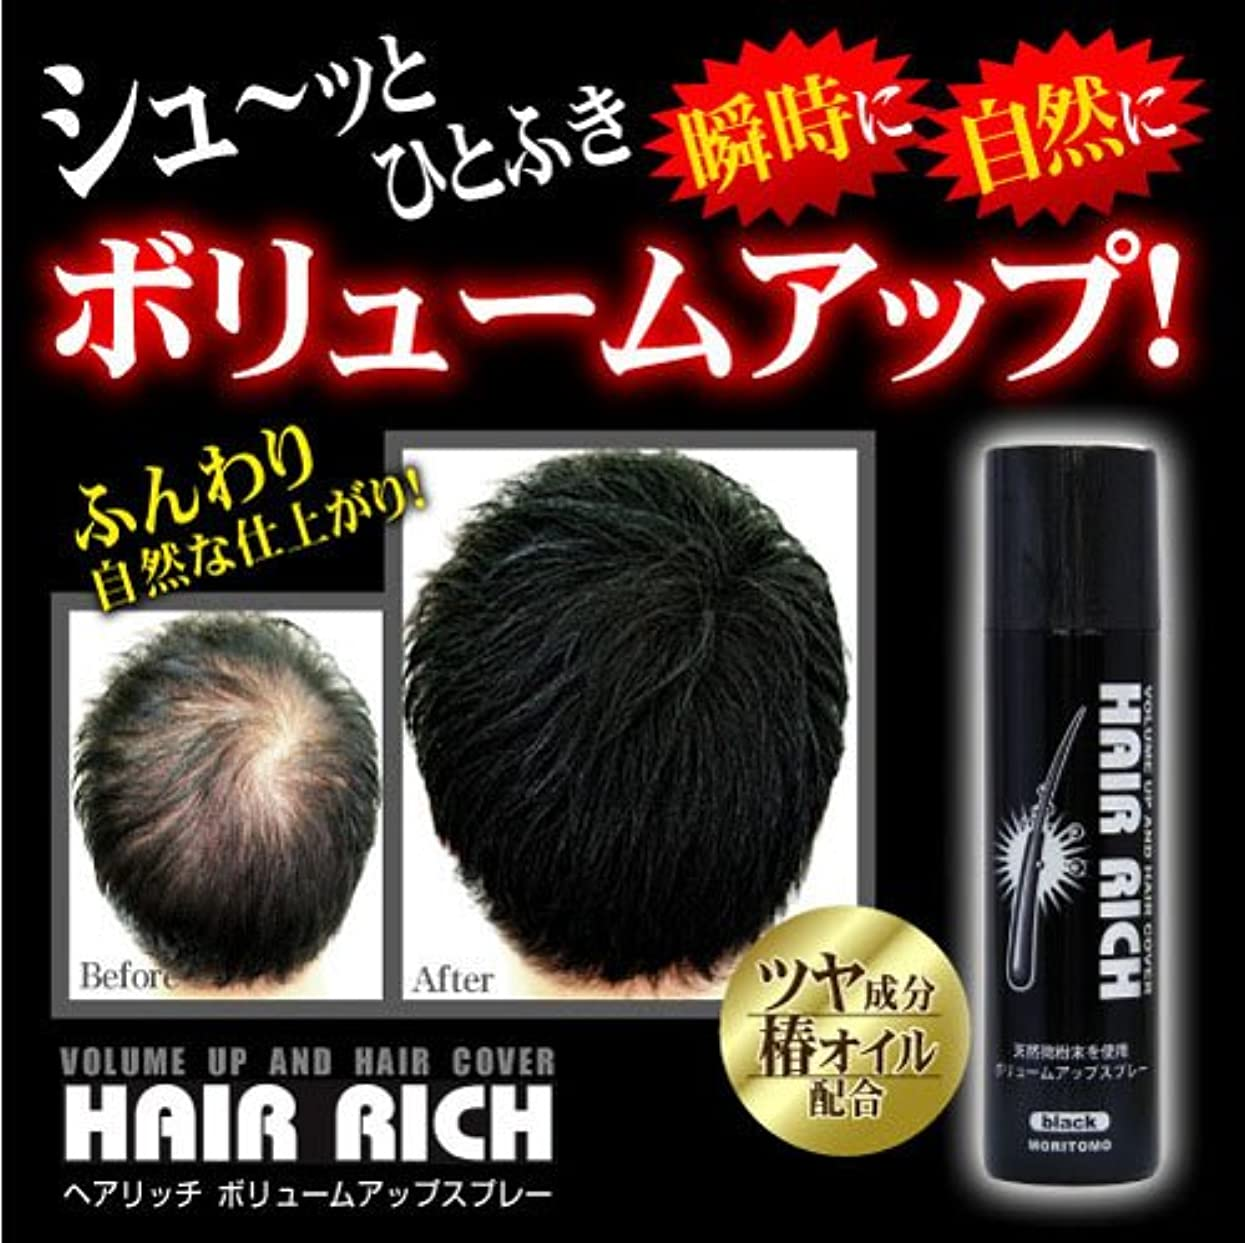 祝うベアリング路面電車ヘアリッチ ボリュームアップスプレー【HAIR RICH】 育毛剤 発毛剤 増毛剤 増毛 スプレー